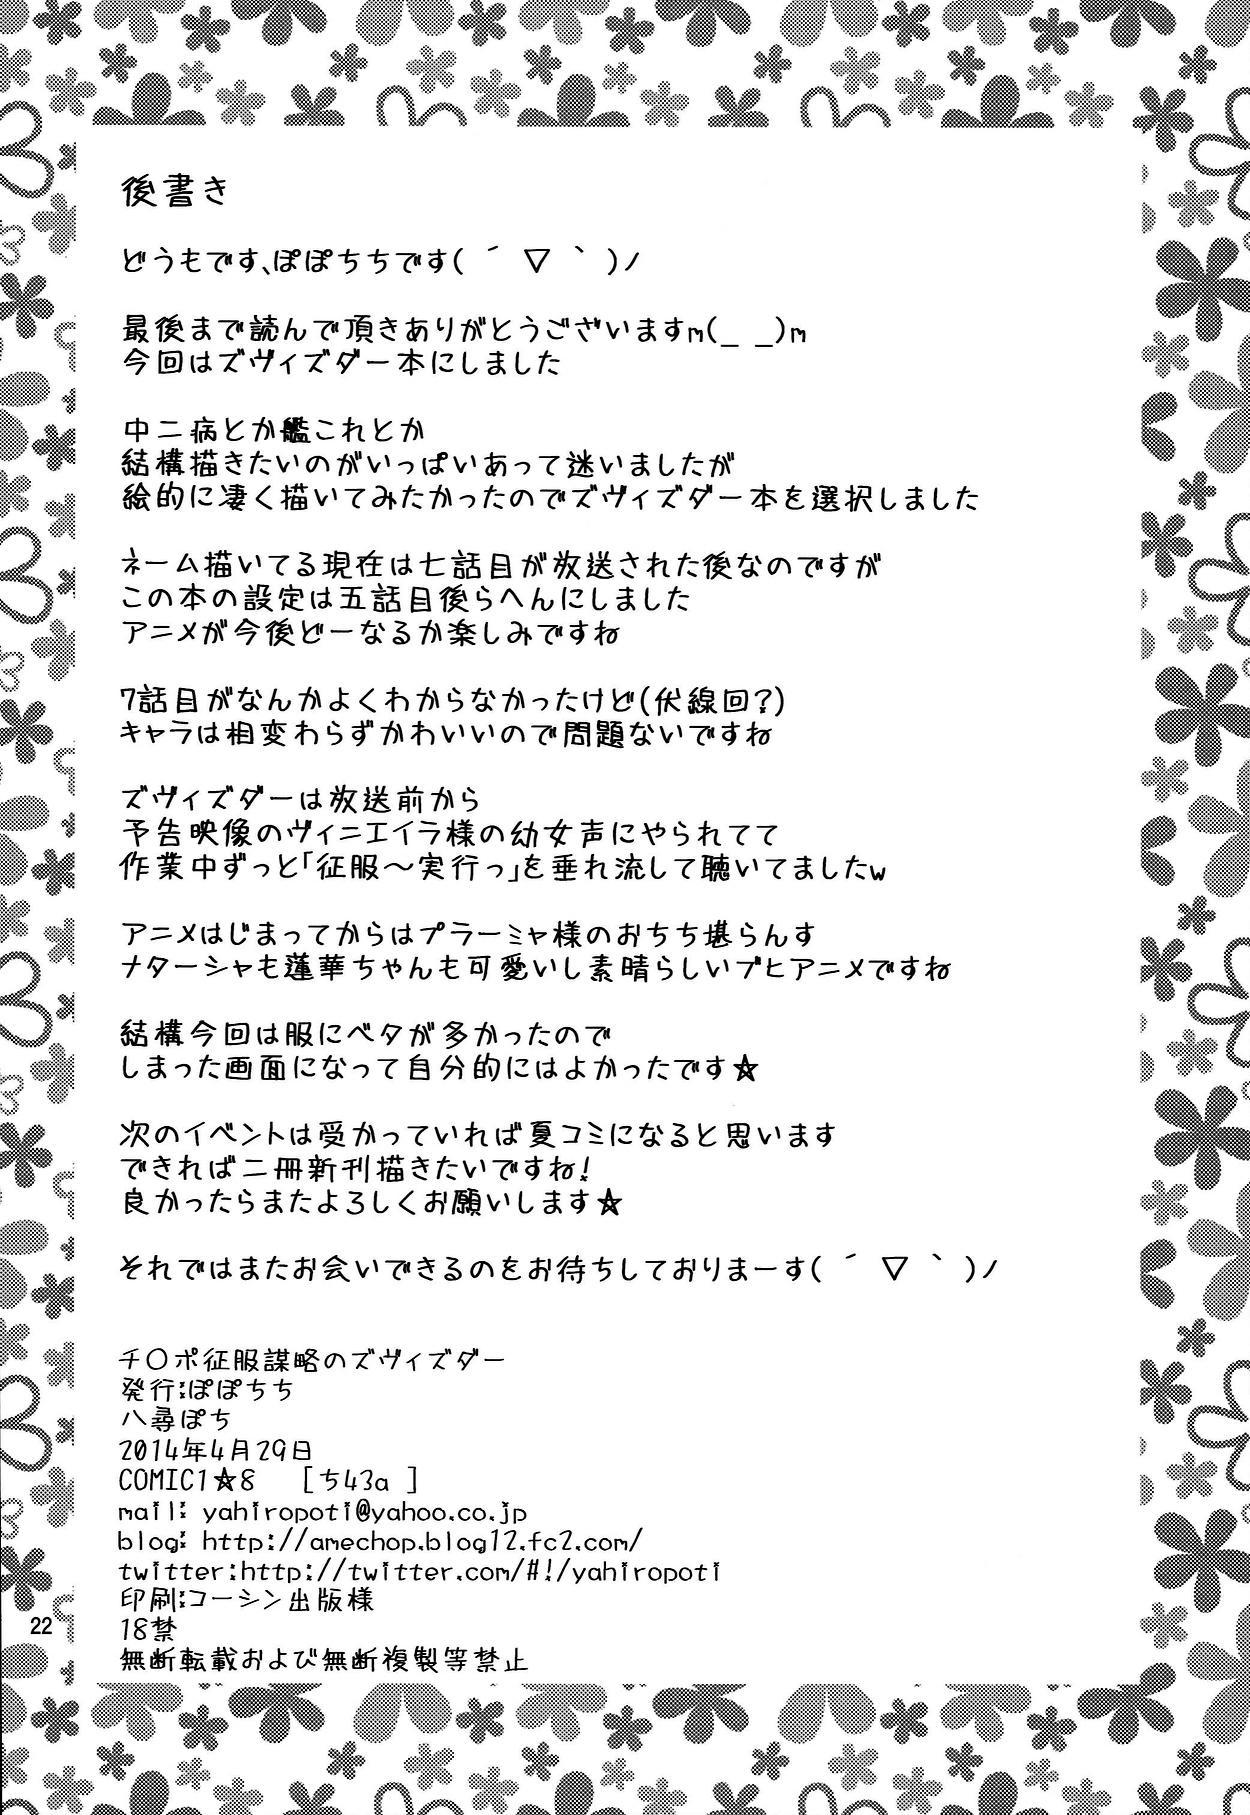 (COMIC1☆8) [Popochichi (Yahiro Pochi)] Chinpo Seifuku ~Bouryaku no Zvezda~ | Dick Conquest - Zvezda Plot (Sekai Seifuku ~Bouryaku no Zvezda~) [English] {doujin-moe.us} 20